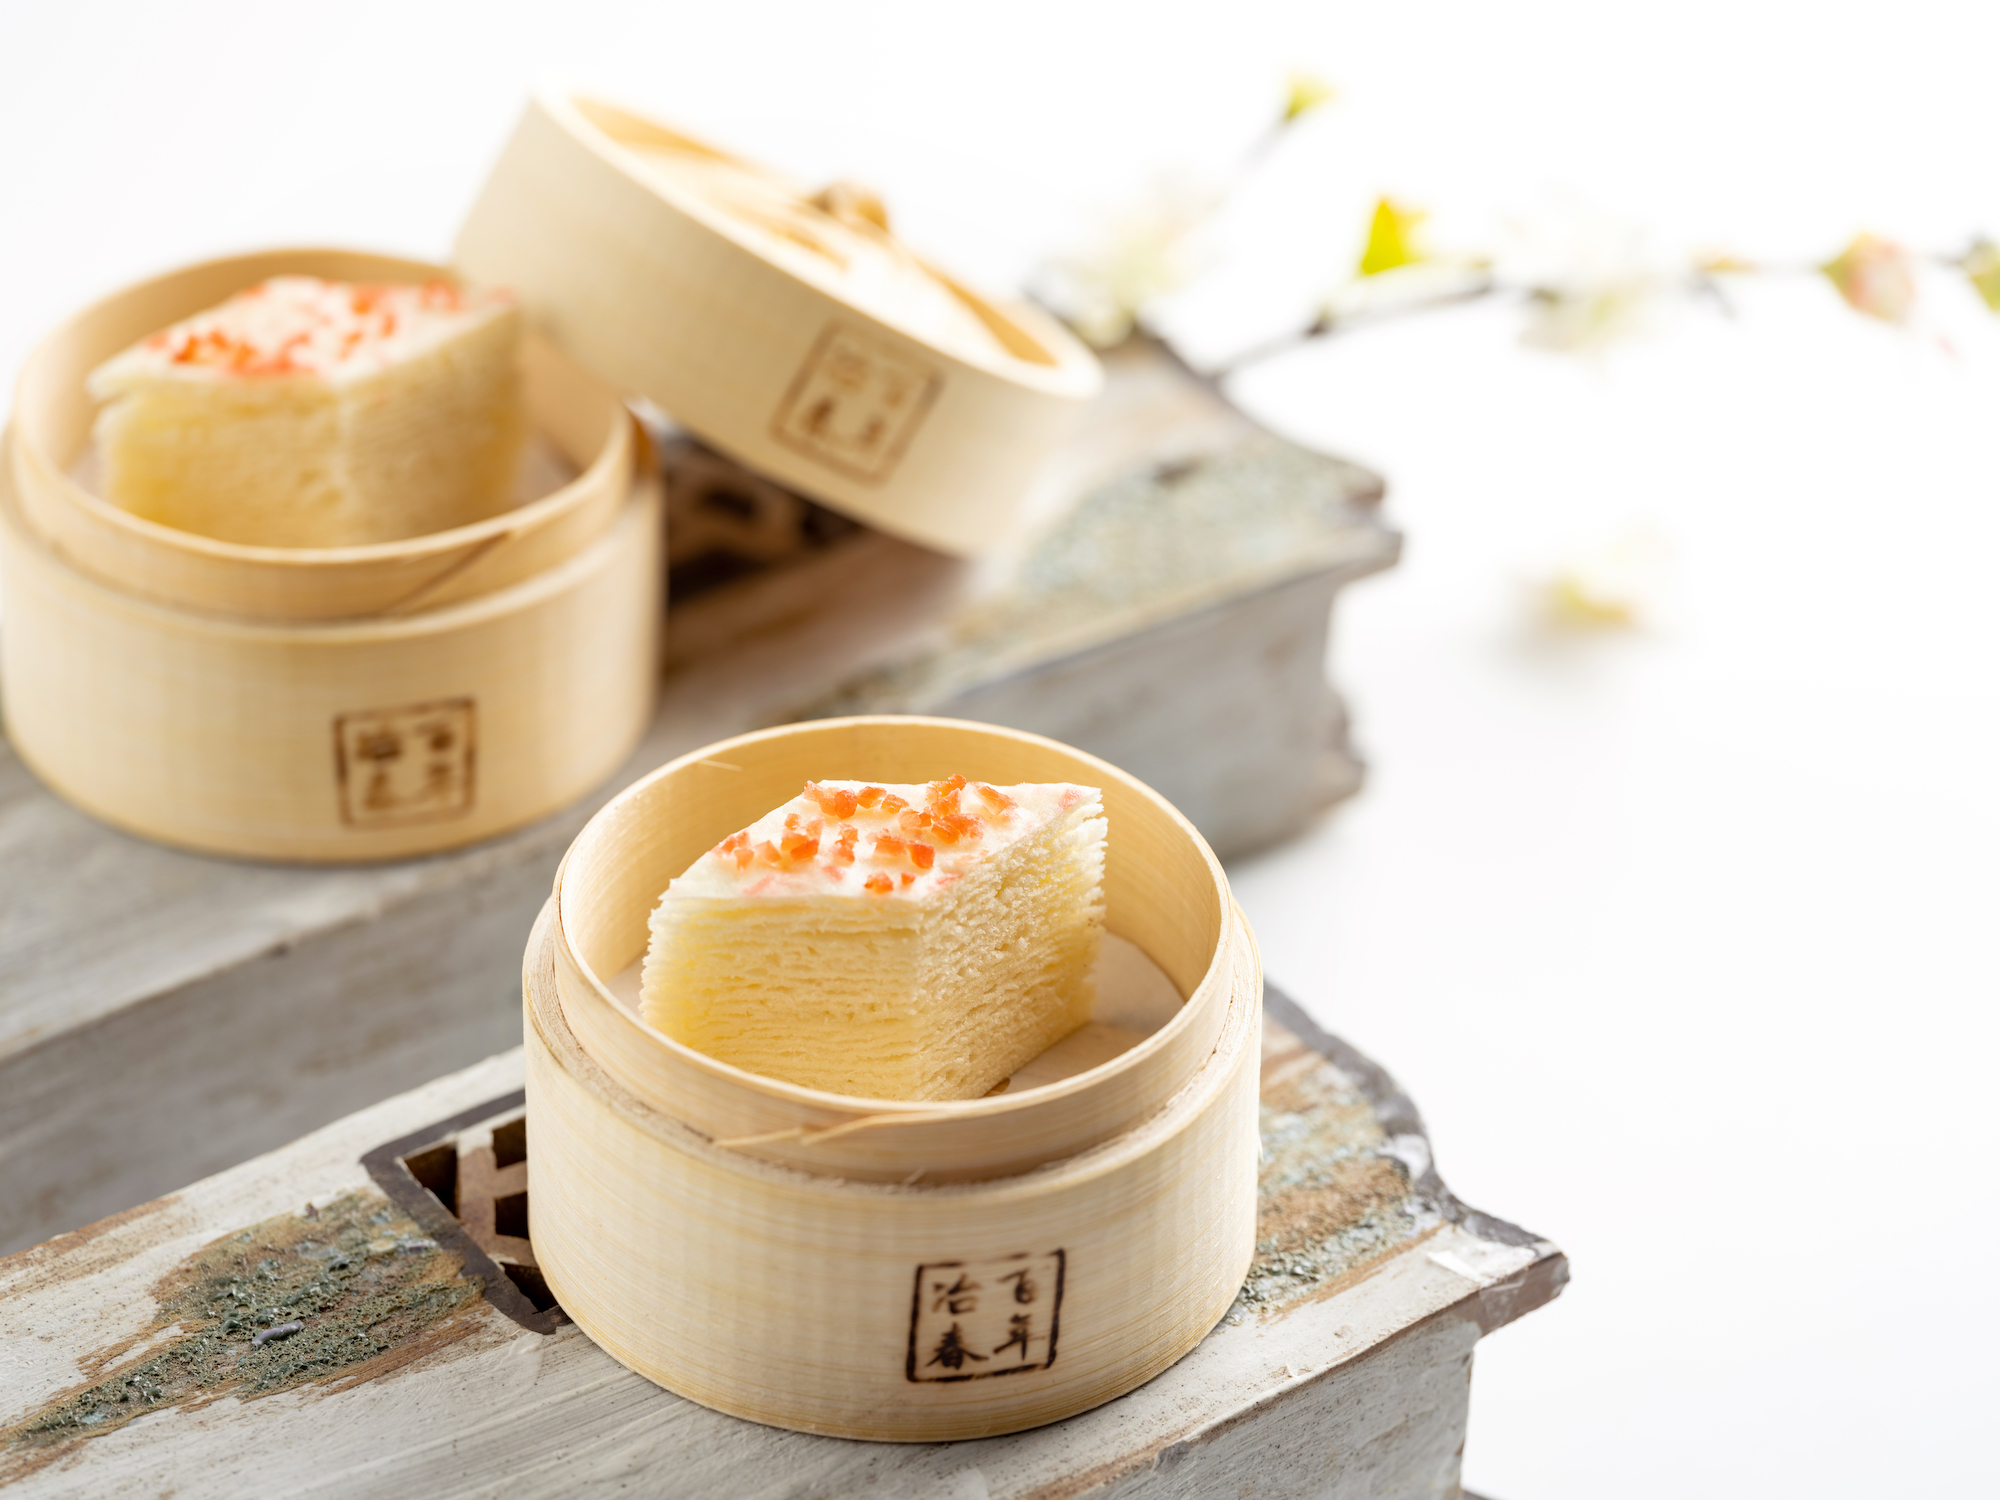 千层油糕Mille-feuille chinois